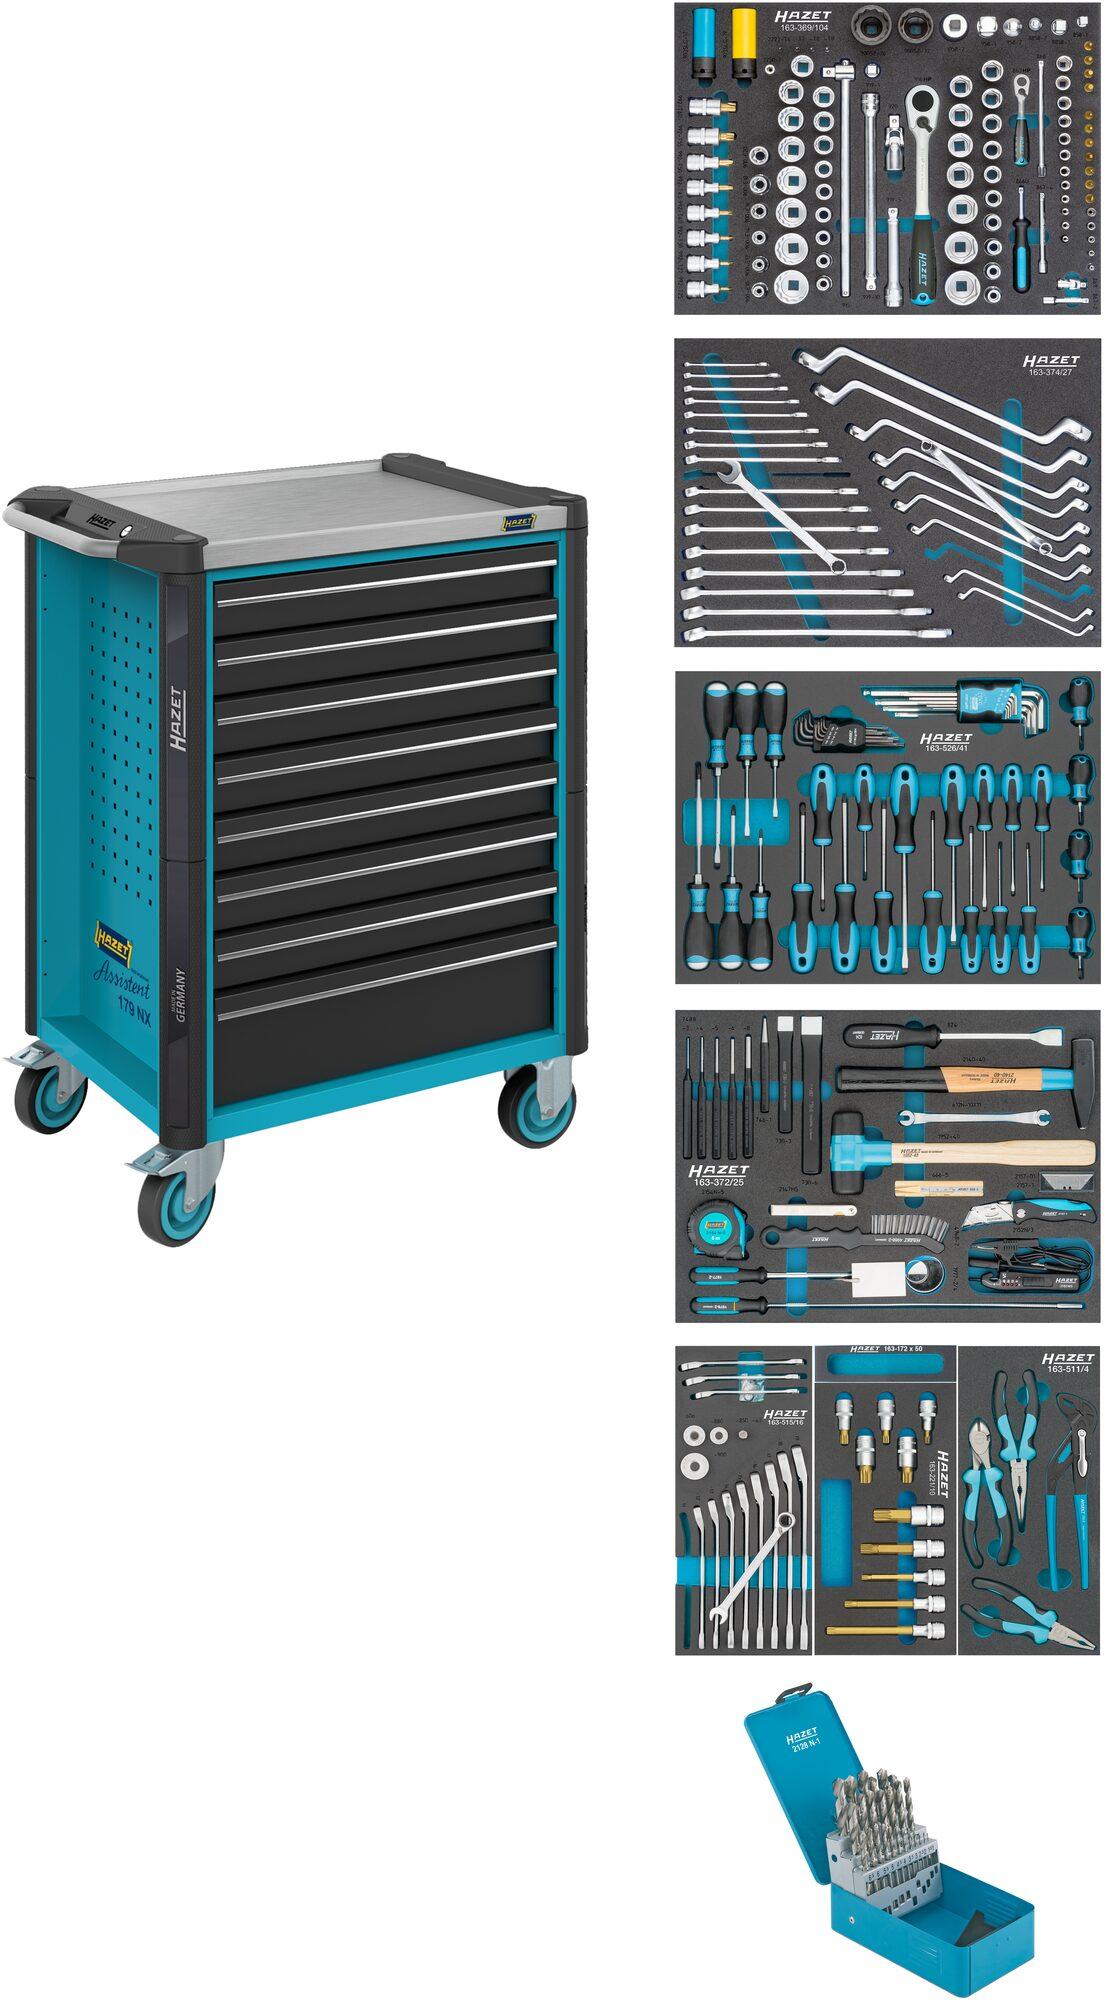 HAZET Werkstattwagen Assistent 179NX-8/252 ∙ Schubladen, flach: 8x 81x522x398 mm ∙ Anzahl Werkzeuge: 252